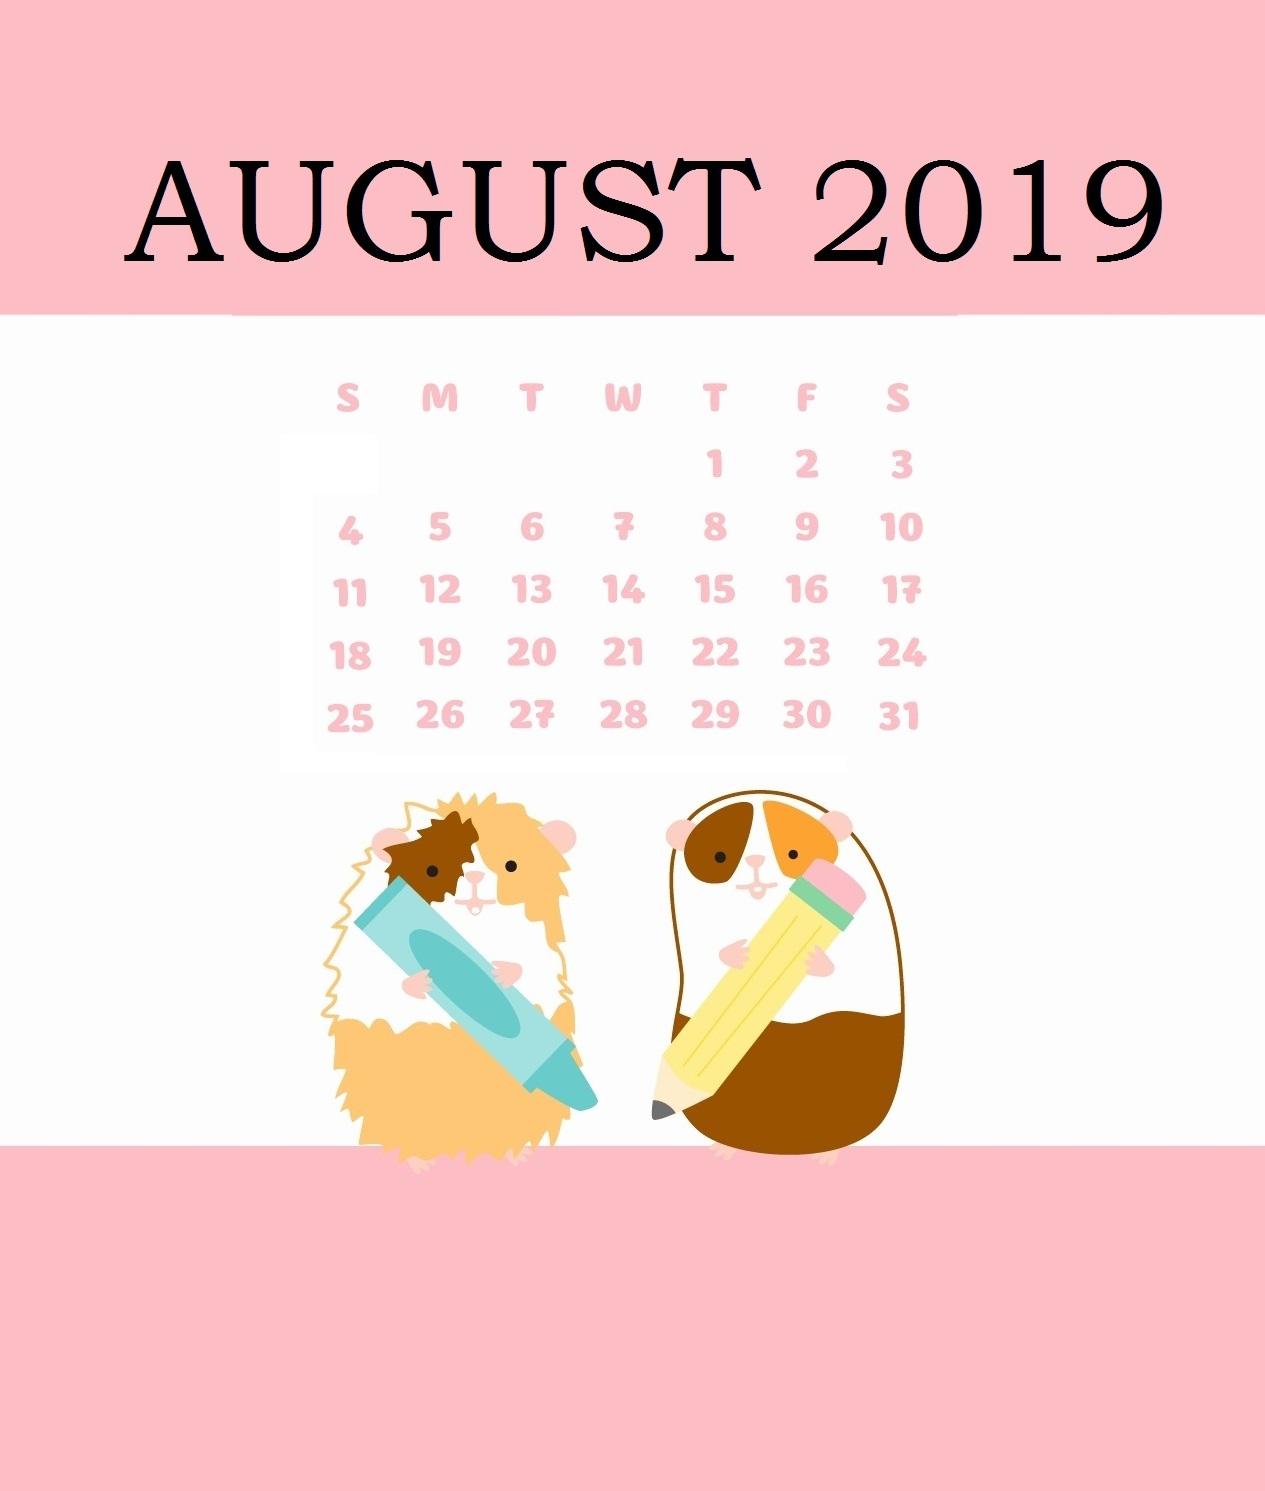 Free August 2019 Wall Calendar